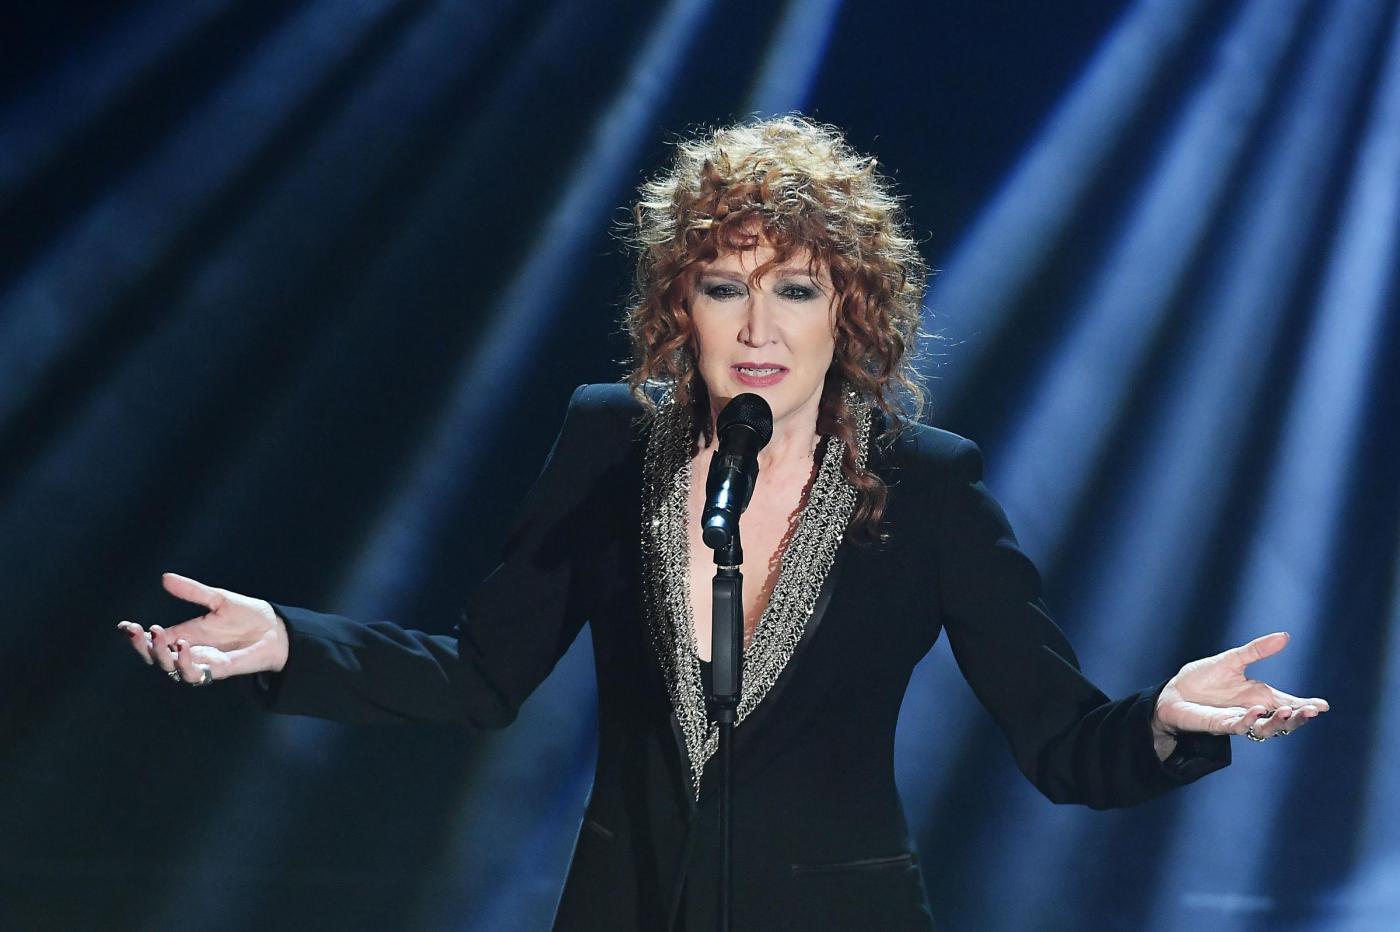 Fiorella Mannoia al Festival di Sanremo 2017 con 'Che sia benedetta': l'esibizione sul palco del Teatro Ariston